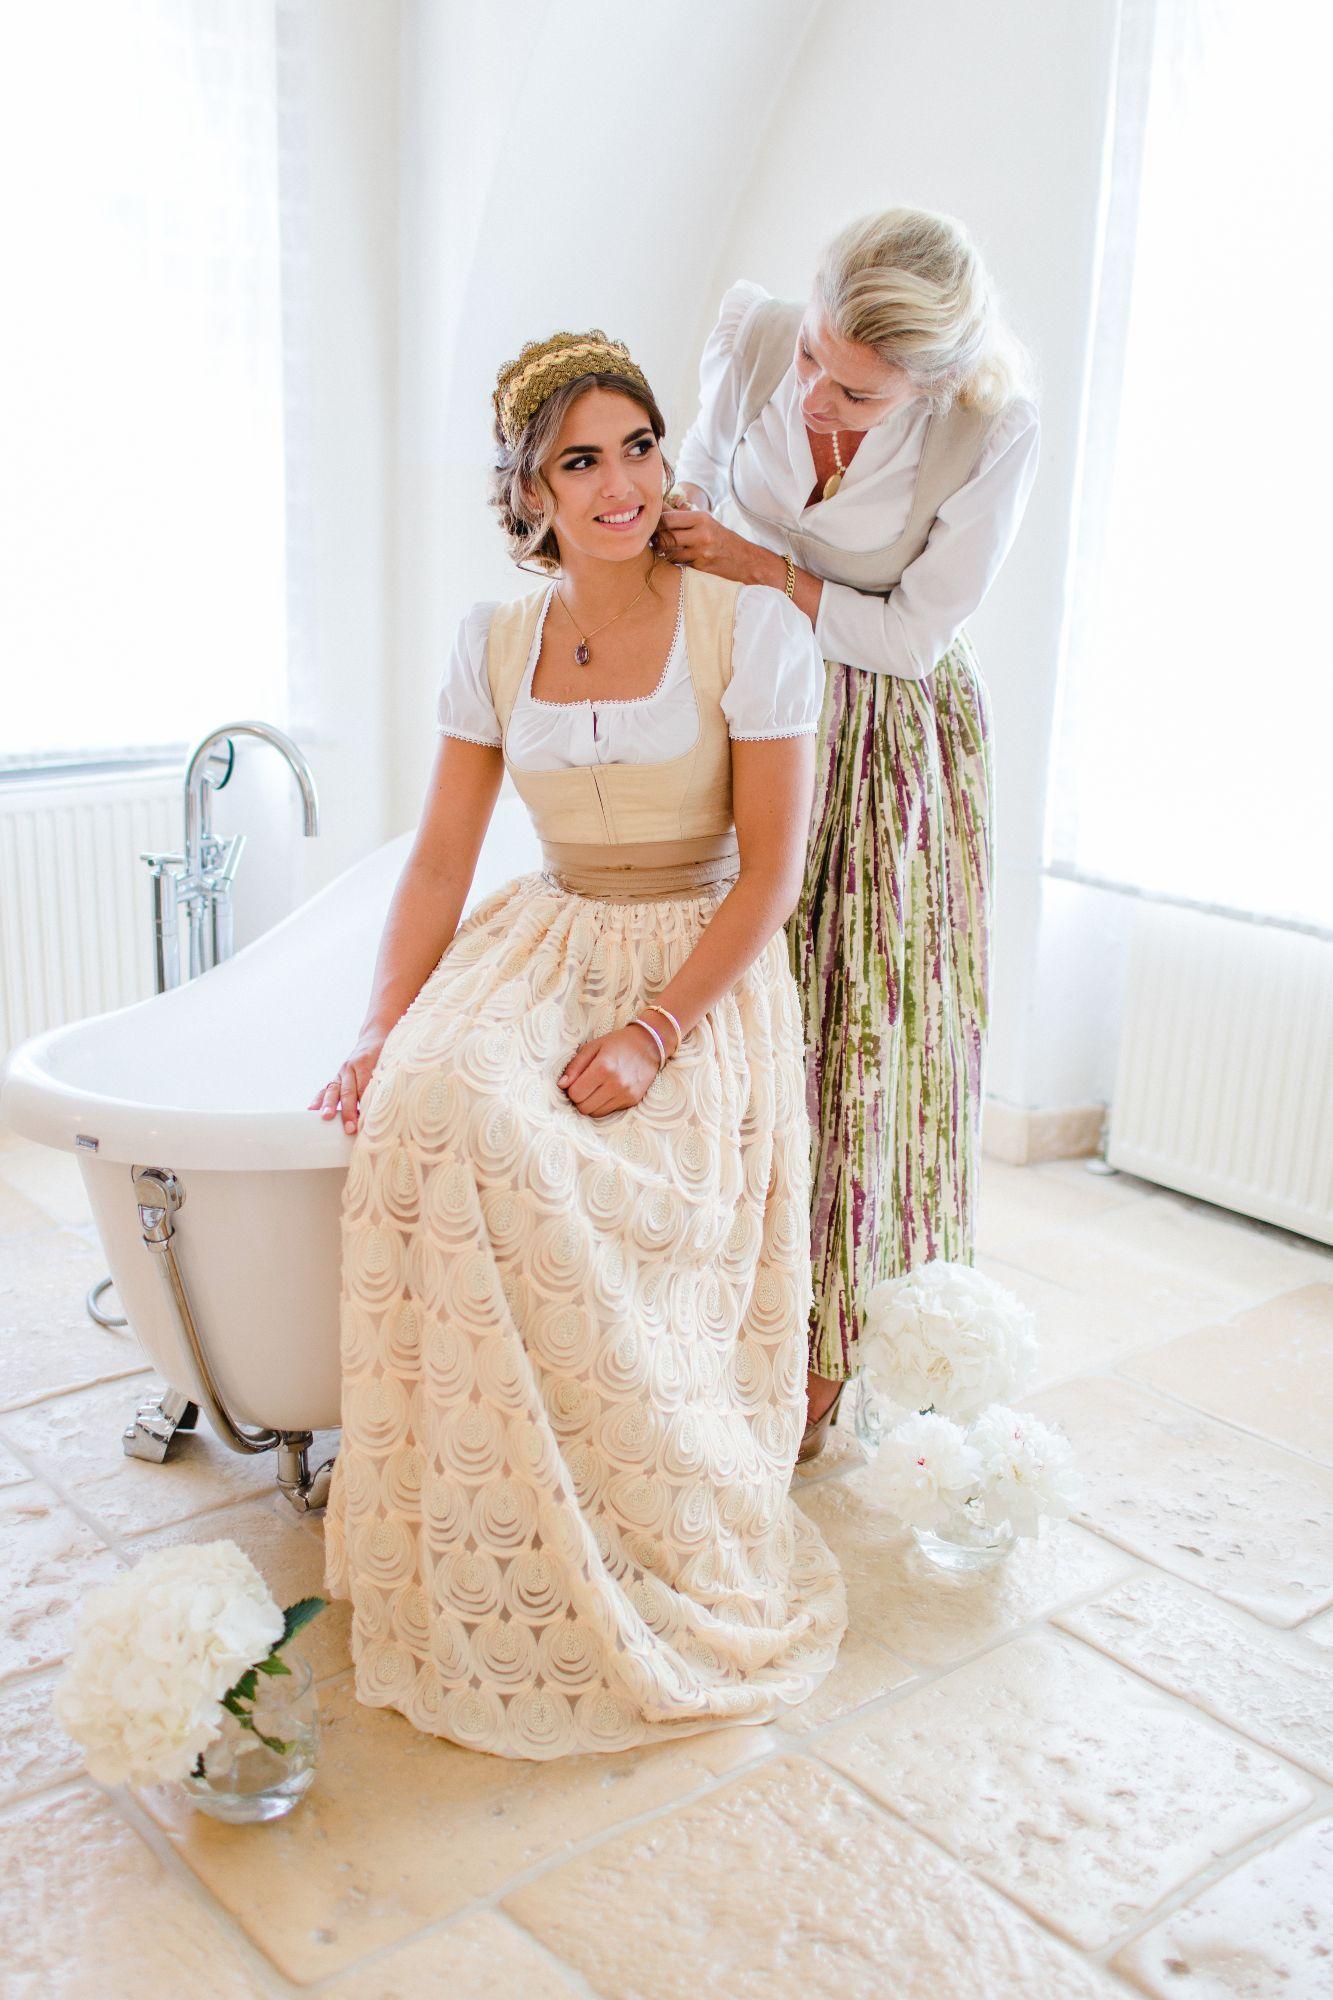 Zauberhafte Inspiration Braut Und Brautmutter Am Hochzeitstag Rosarot Hochzeiten Und Feste Hochzeitskleid Dirndl Braut Dirndl Dirndl Hochzeit